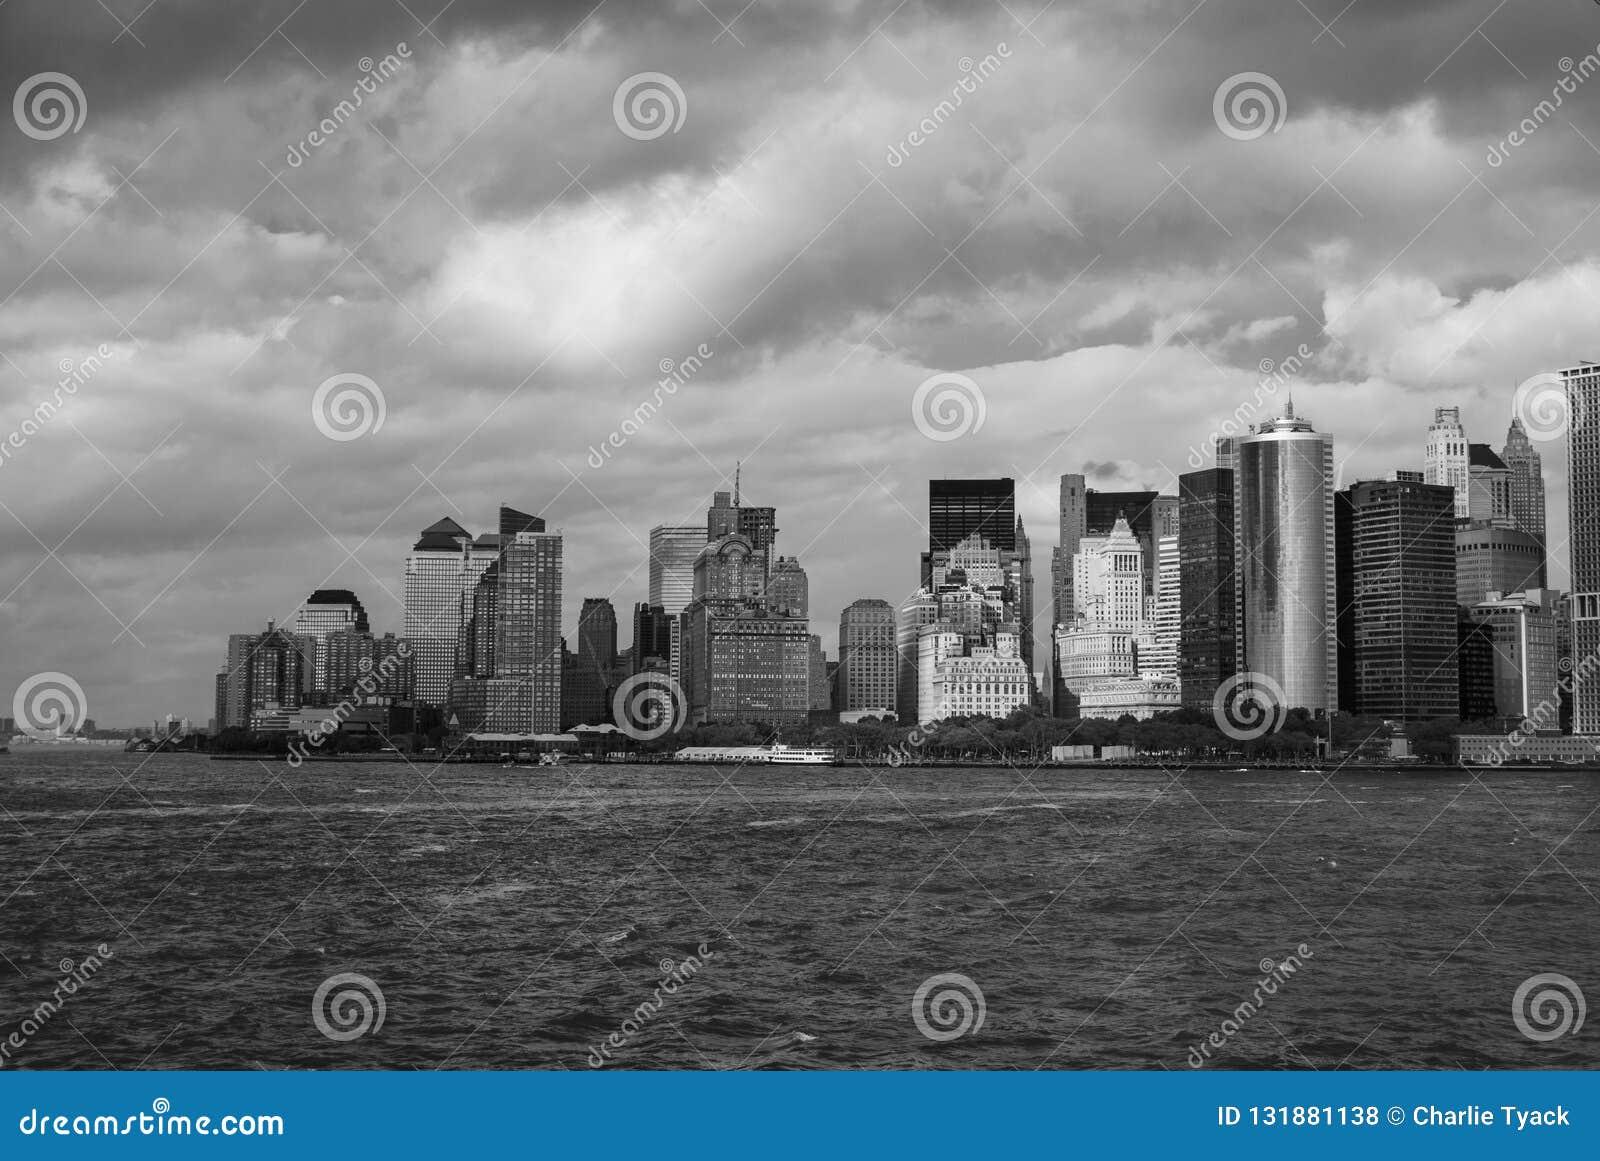 Манхэттен как осмотрено от парома острова Staten - южной западной подсказки - черно-белого